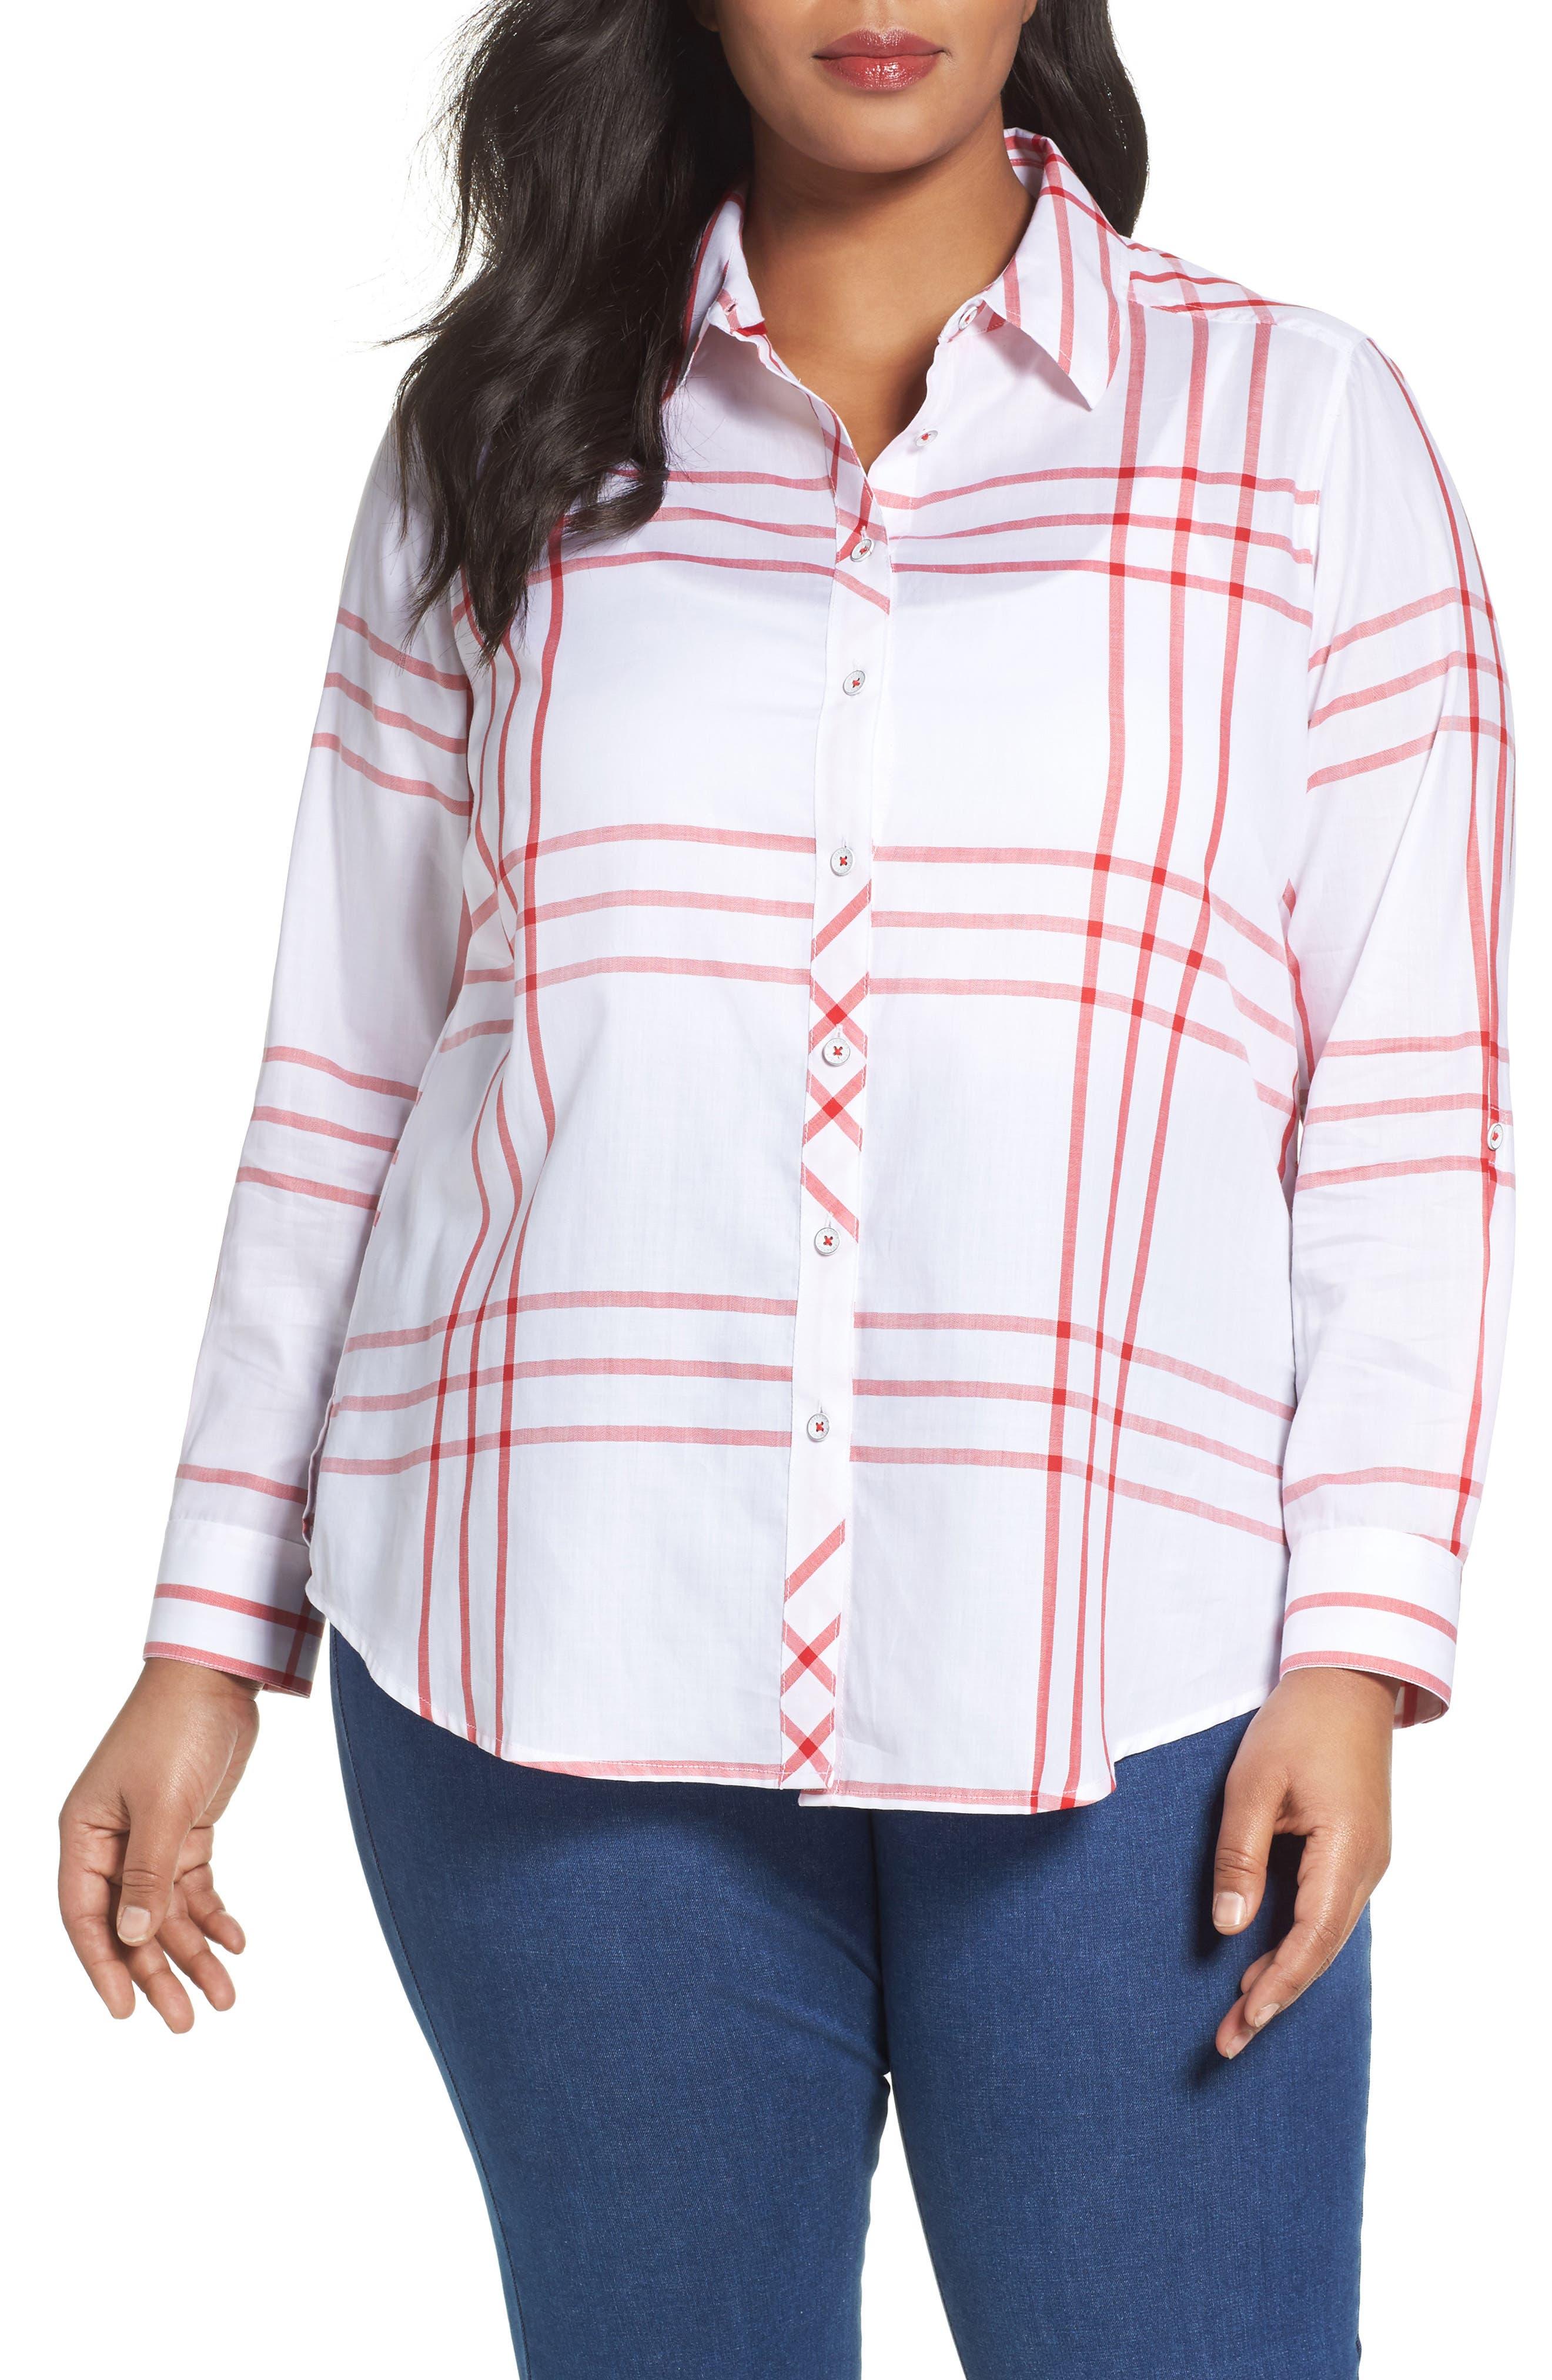 FOXCROFT Herringbone Windowpane Roll Sleeve Shirt